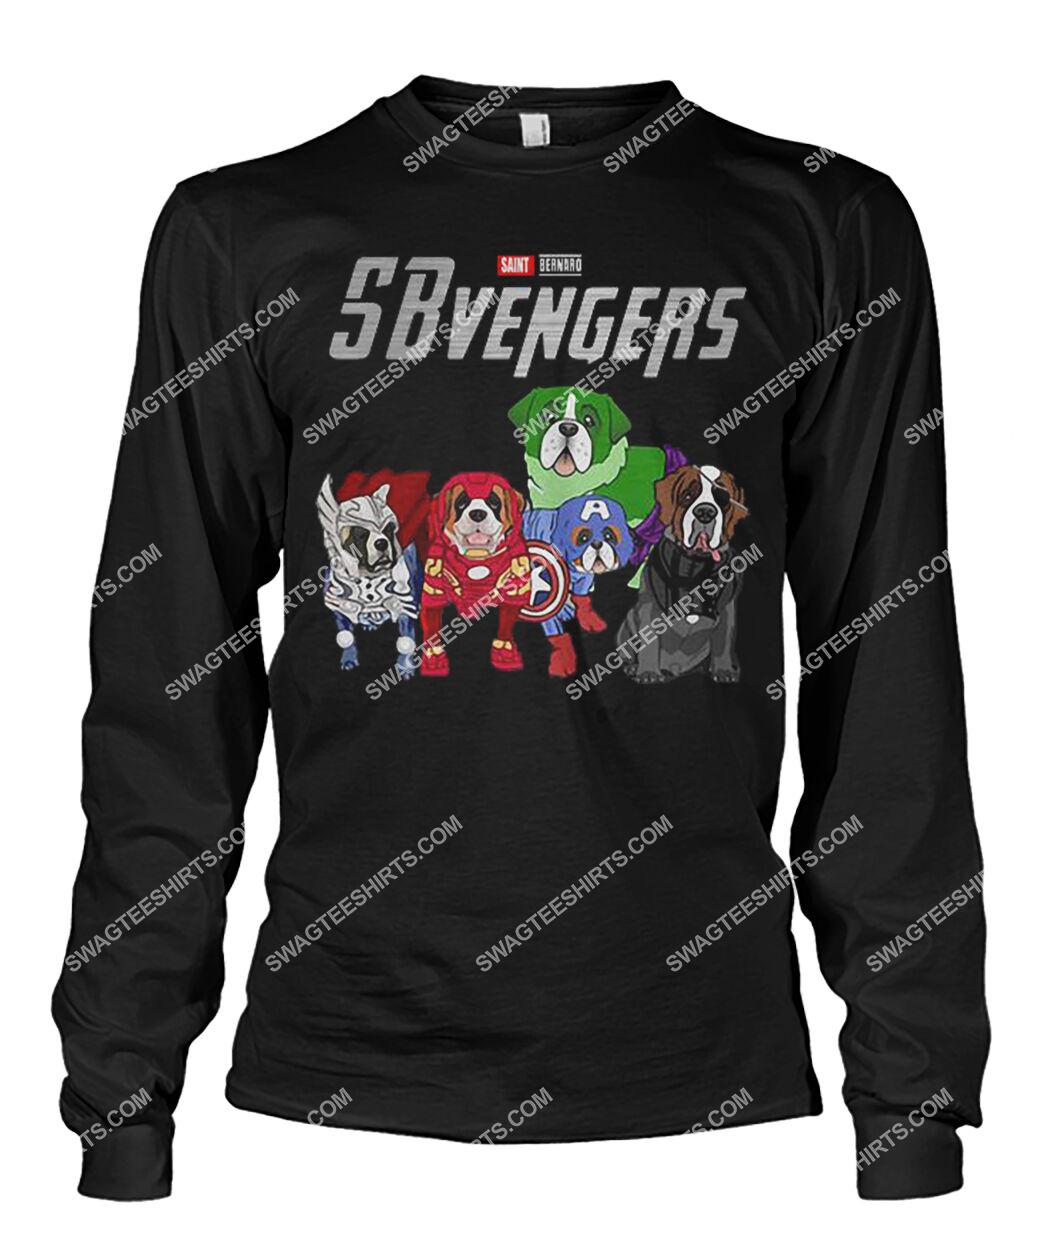 saint bernard sbvengers marvel avengers dogs lover sweatshirt 1